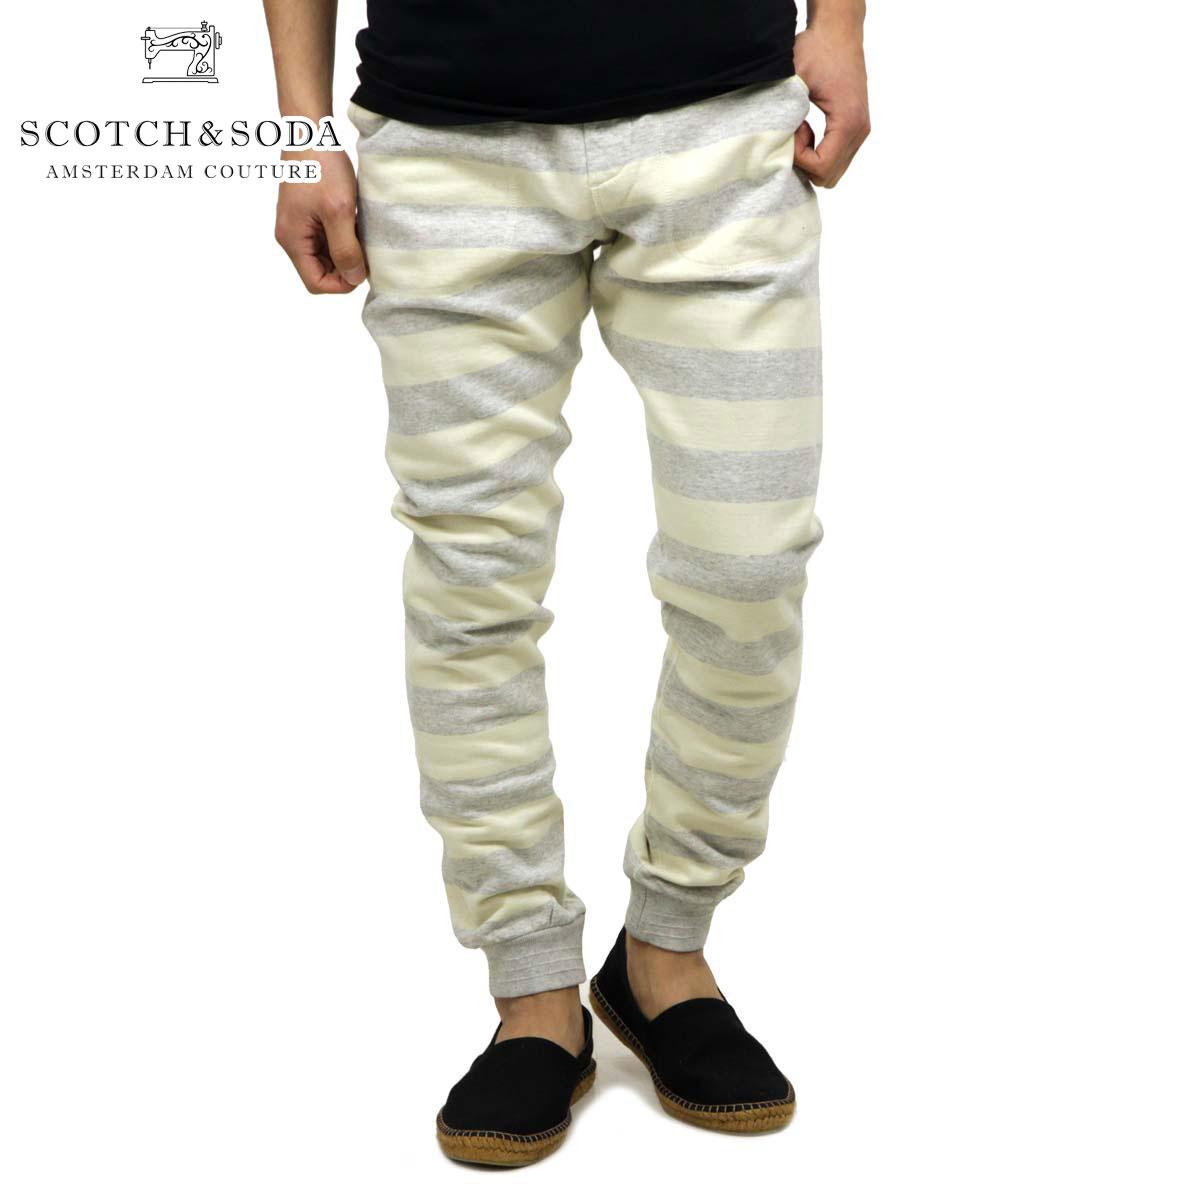 スコッチアンドソーダ スウェット メンズ 正規販売店 SCOTCH&SODA トレーナー パンツ Home Alone slim tapered sweat pant 128114 A